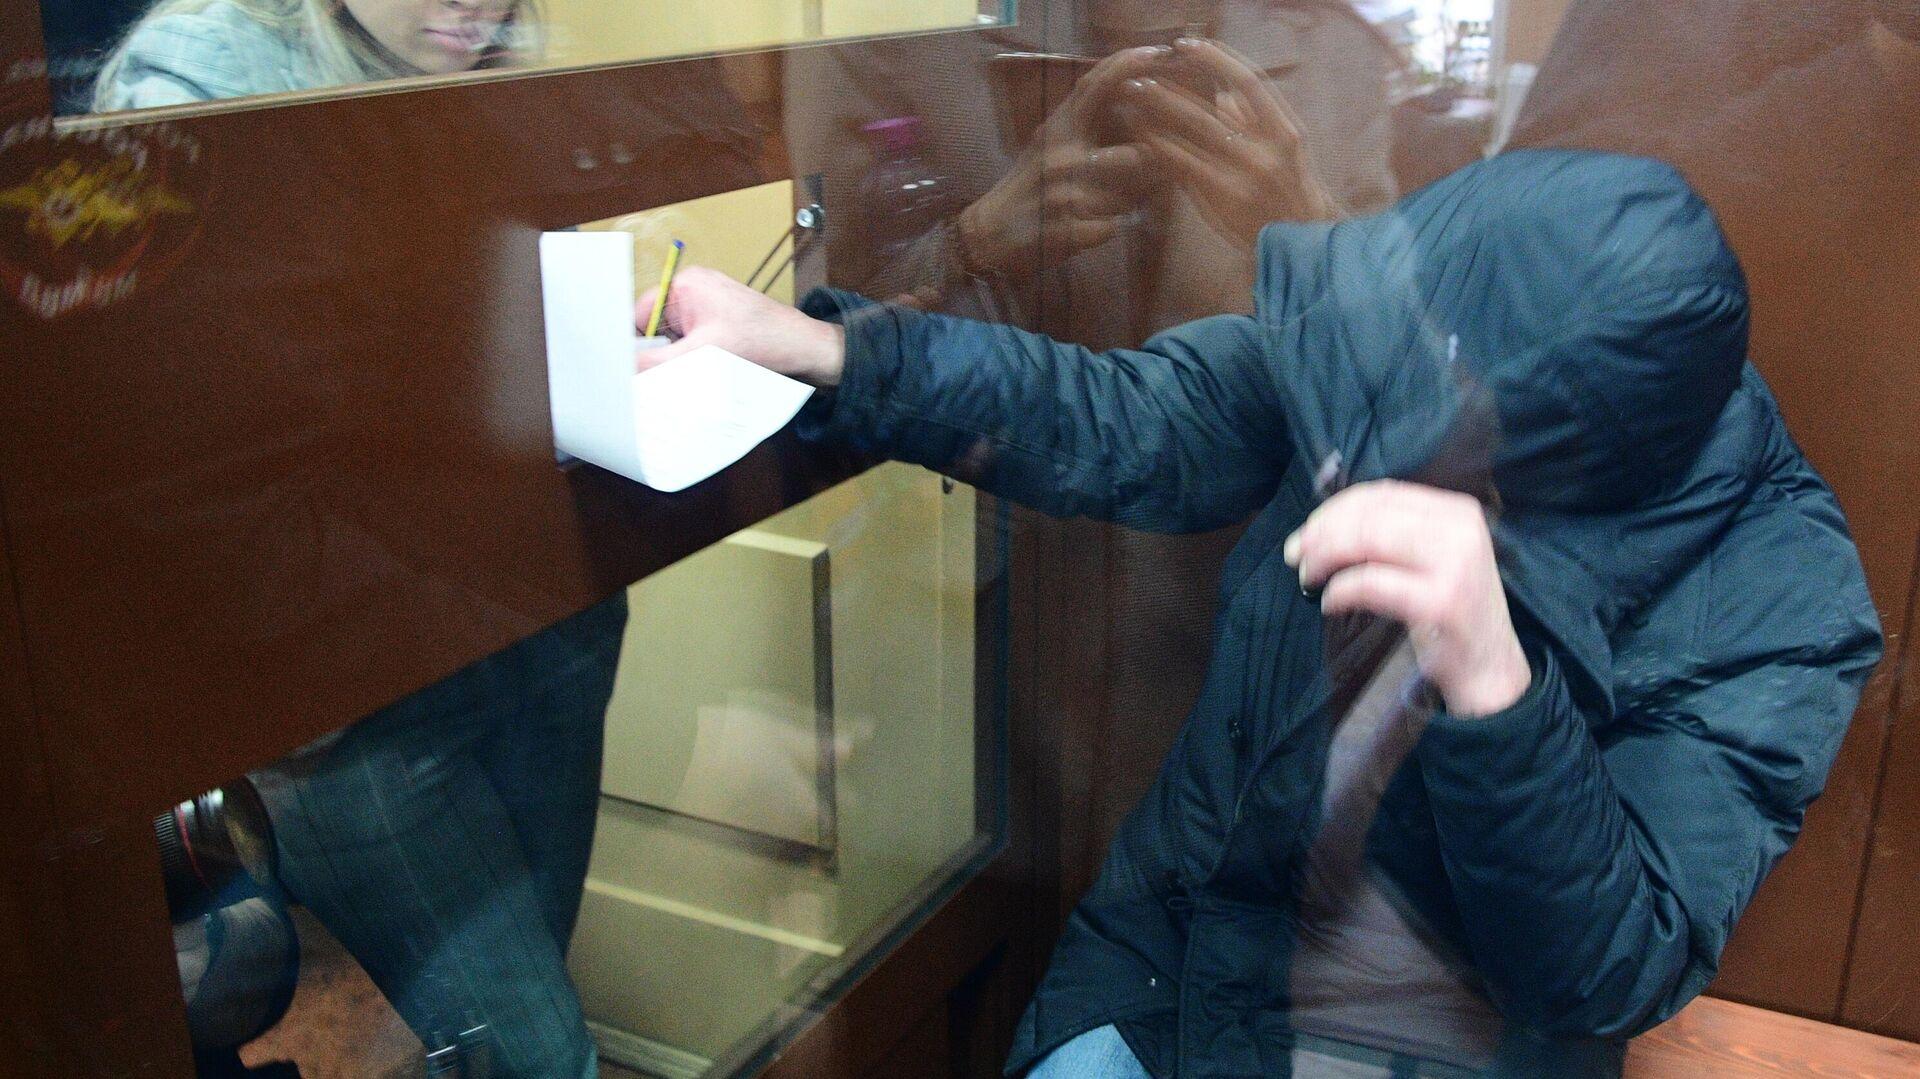 Муртаз Шадания, обвиняемый в причастности к убийству в 2009 году криминального авторитета Вячеслава Иванькова (Япончика), в Басманном суде - РИА Новости, 1920, 06.02.2020